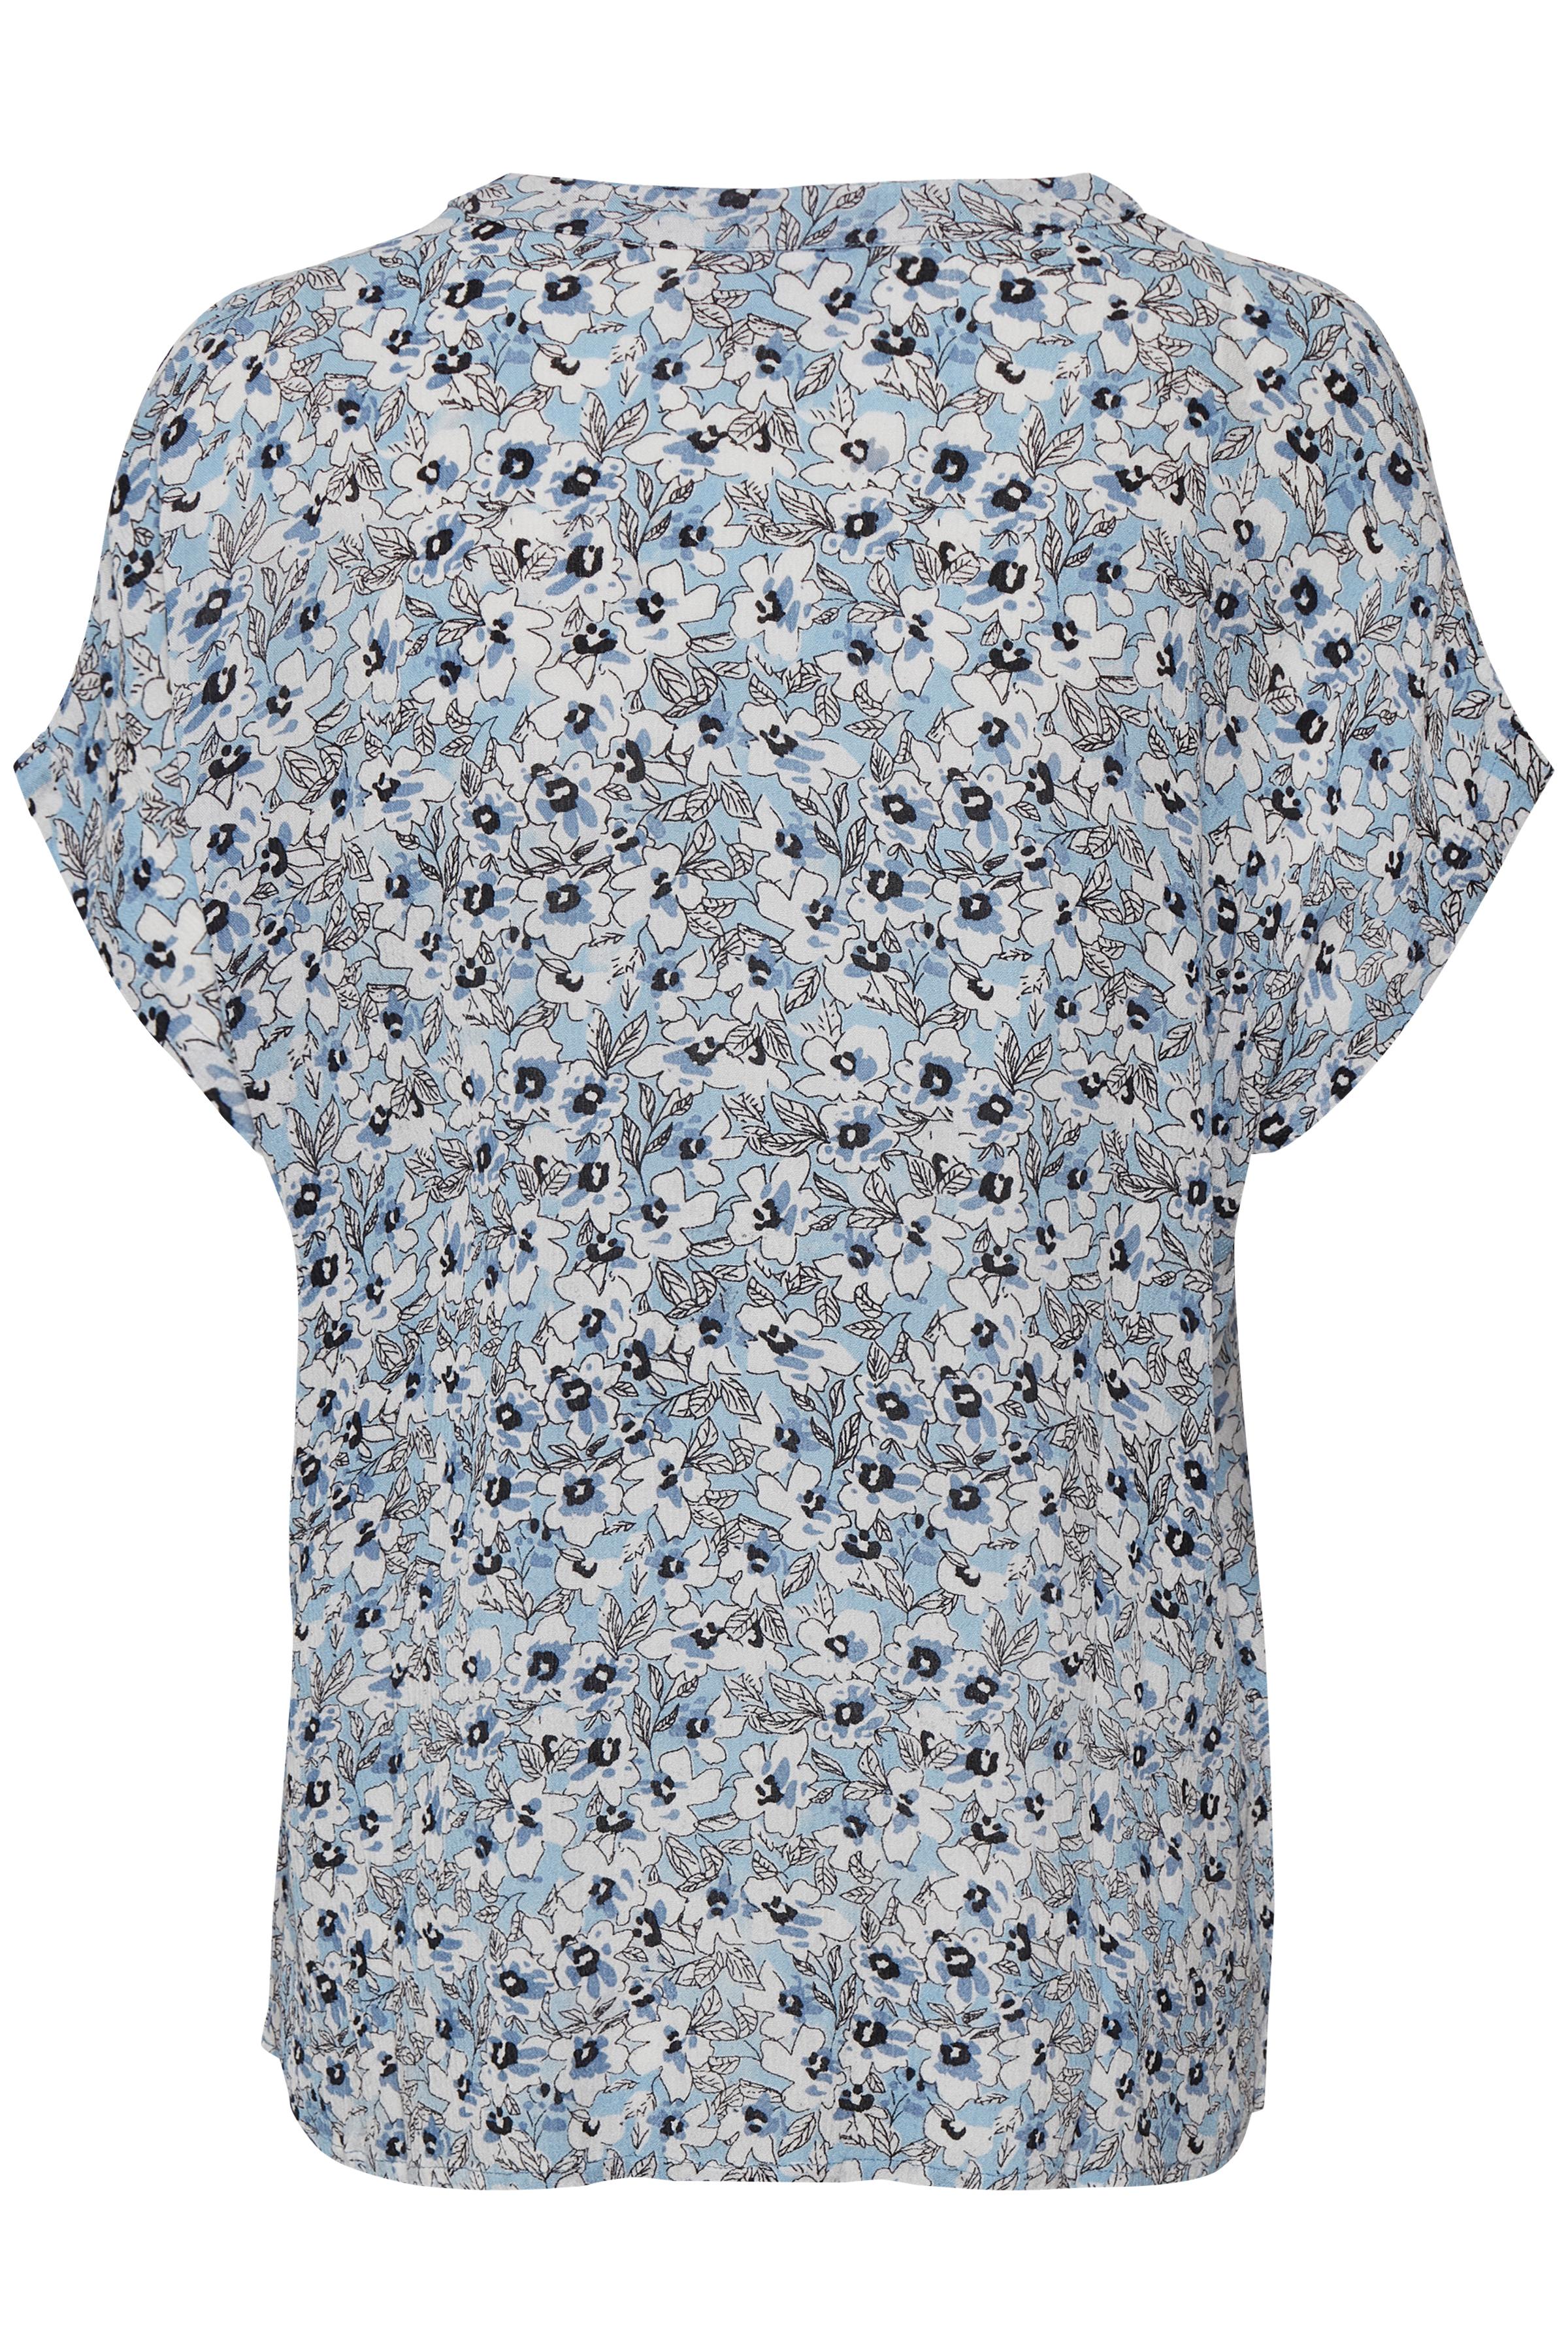 Staubblau/weiss Kurzarm-Bluse  von Kaffe – Shoppen SieStaubblau/weiss Kurzarm-Bluse  ab Gr. 34-46 hier